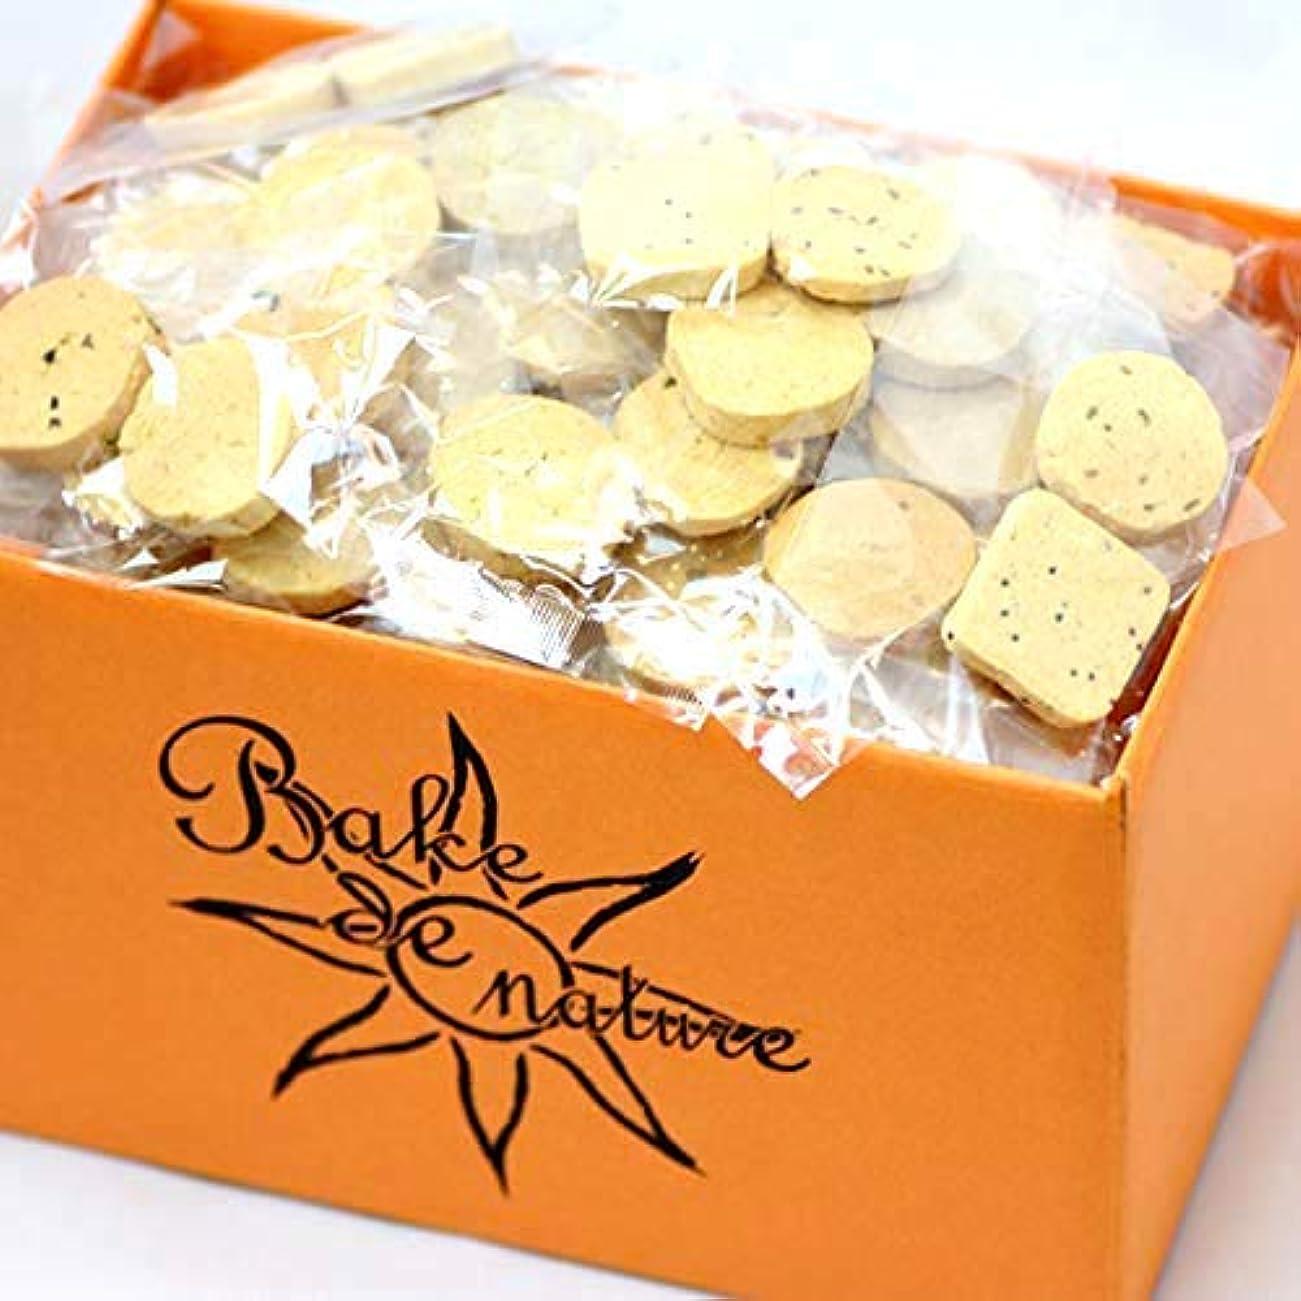 モナリザ毎日ダーベビルのテススーパーフード豆乳おからクッキー (10種類MIX) 1袋 1kg (個包装) 小麦粉不使用のダイエットクッキー